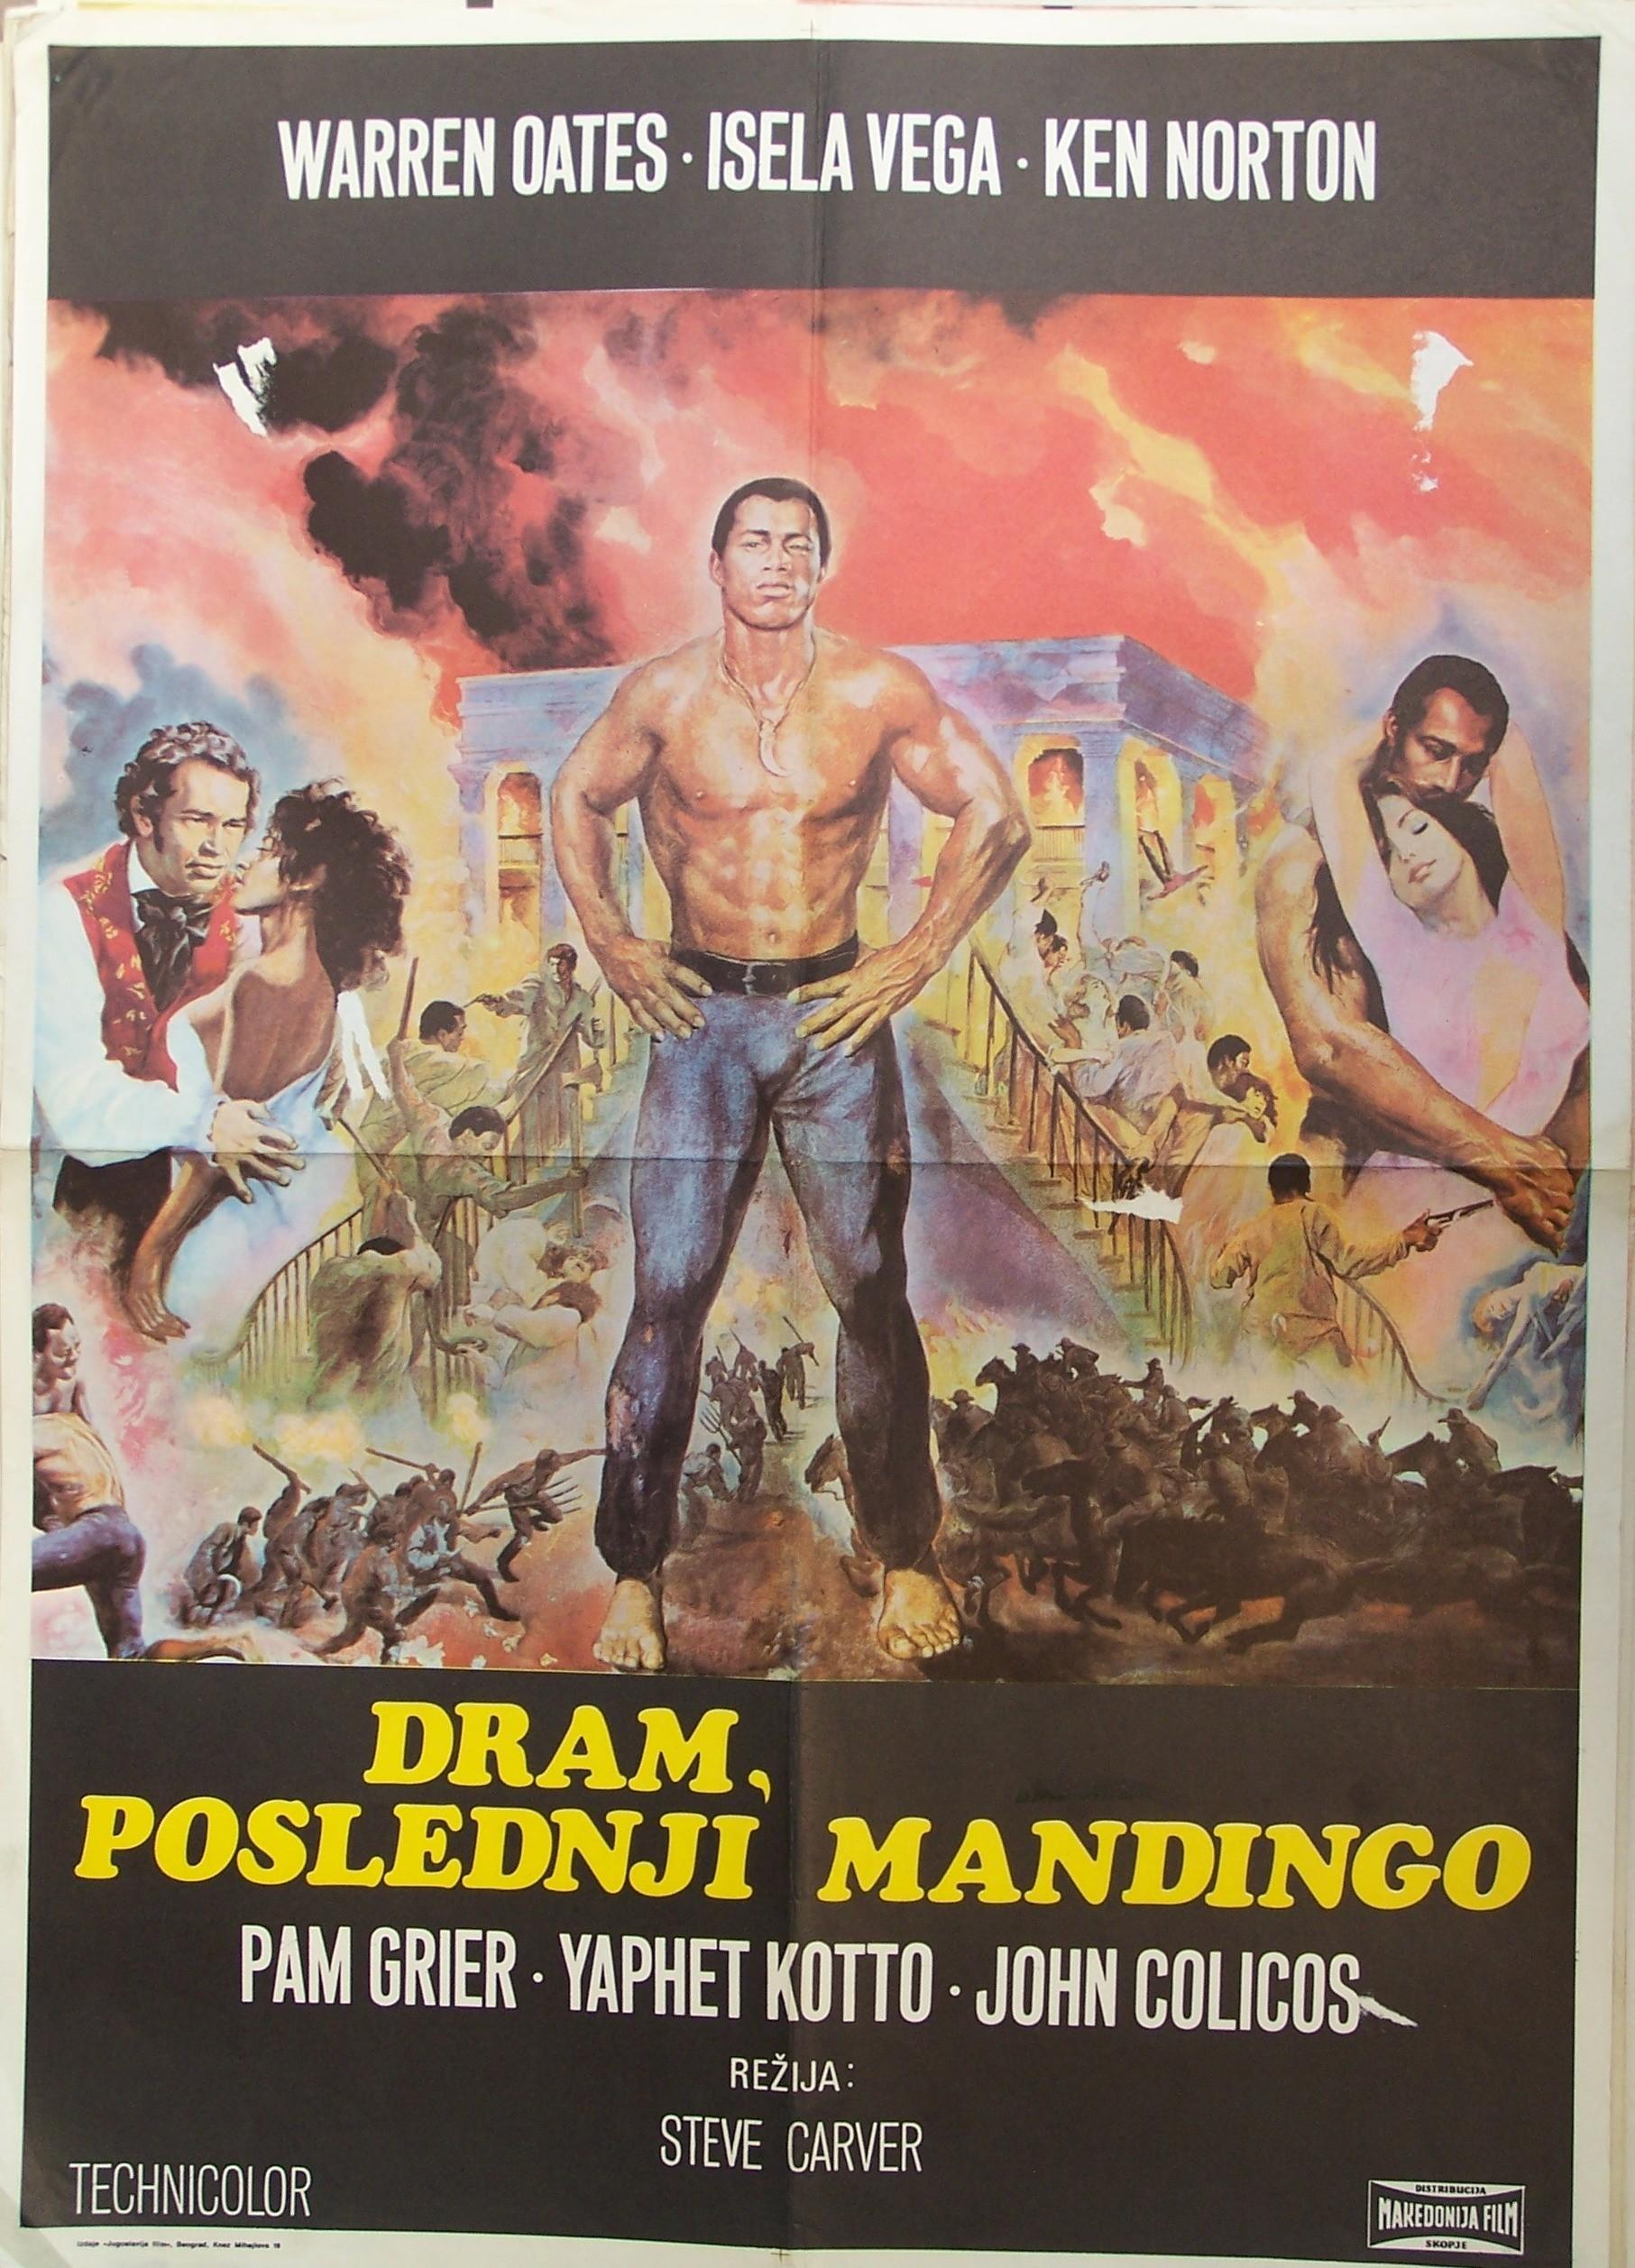 Dram Poslednji Mandingo